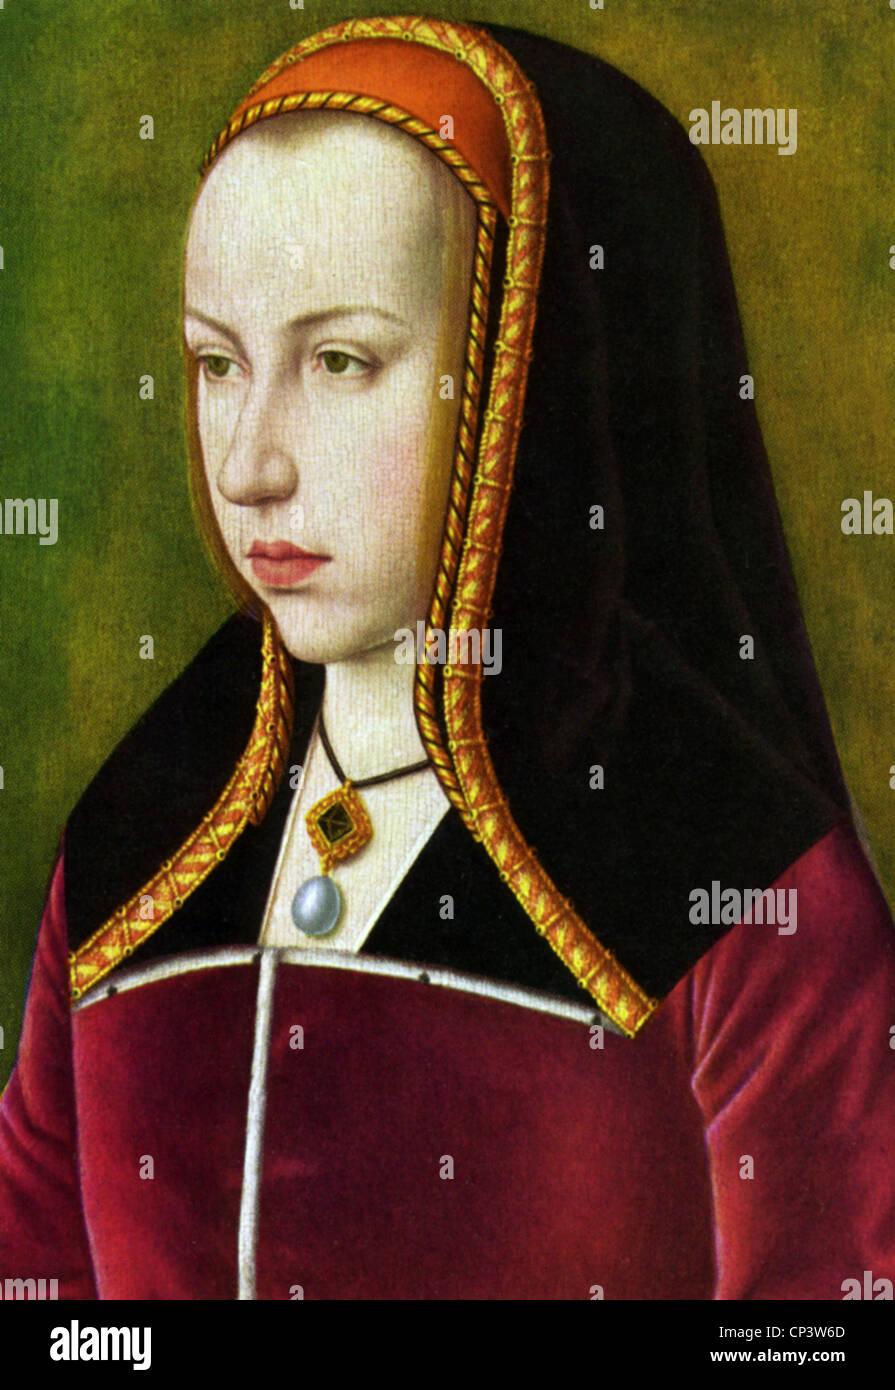 Margaret, 10.1.1480 - 1.12.1530, la archiduquesa de Austria, Gobernador de los Países Bajos Españoles Imagen De Stock